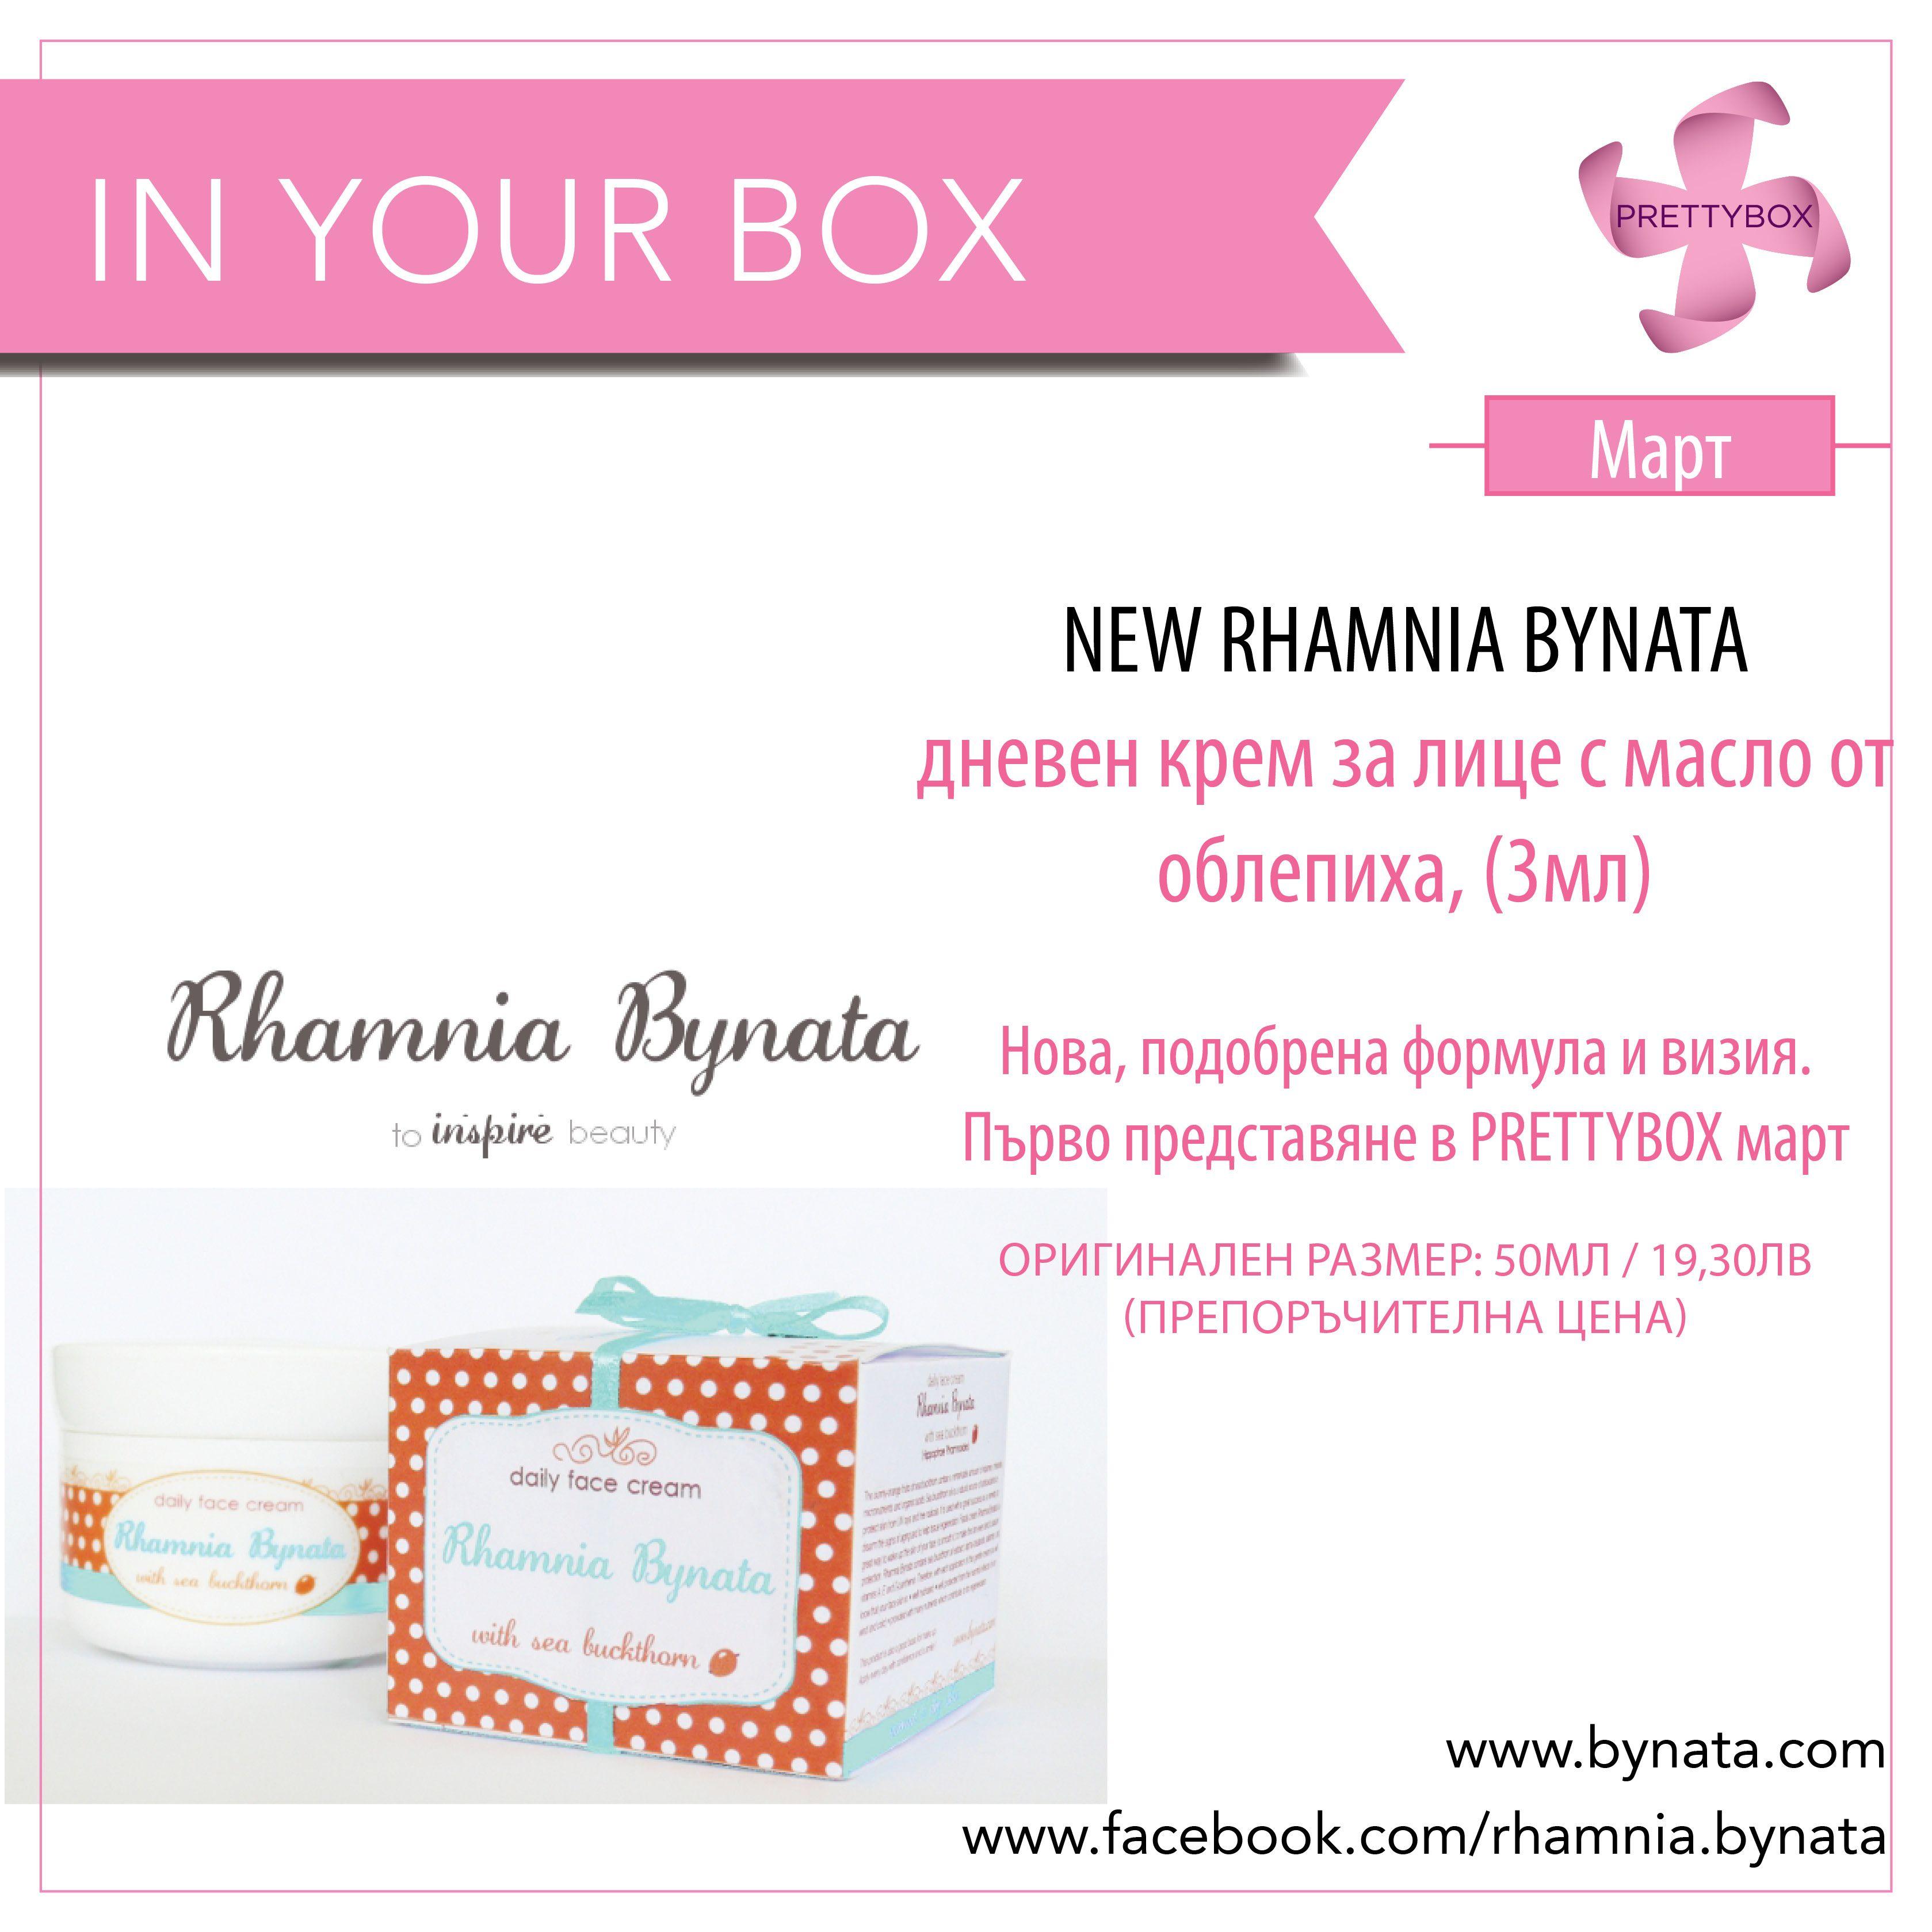 RHAMNIA bynata в нова премяна!  Дневният крем RHAMNIA bynata  хидратирана  добре кожата, защитава я от вредното въздействие на слънцето, вятъра и студа и осигурява много хранителни вещества, които спомагат за нейното обновяване.  #Beauty prettyboxbeauty.com